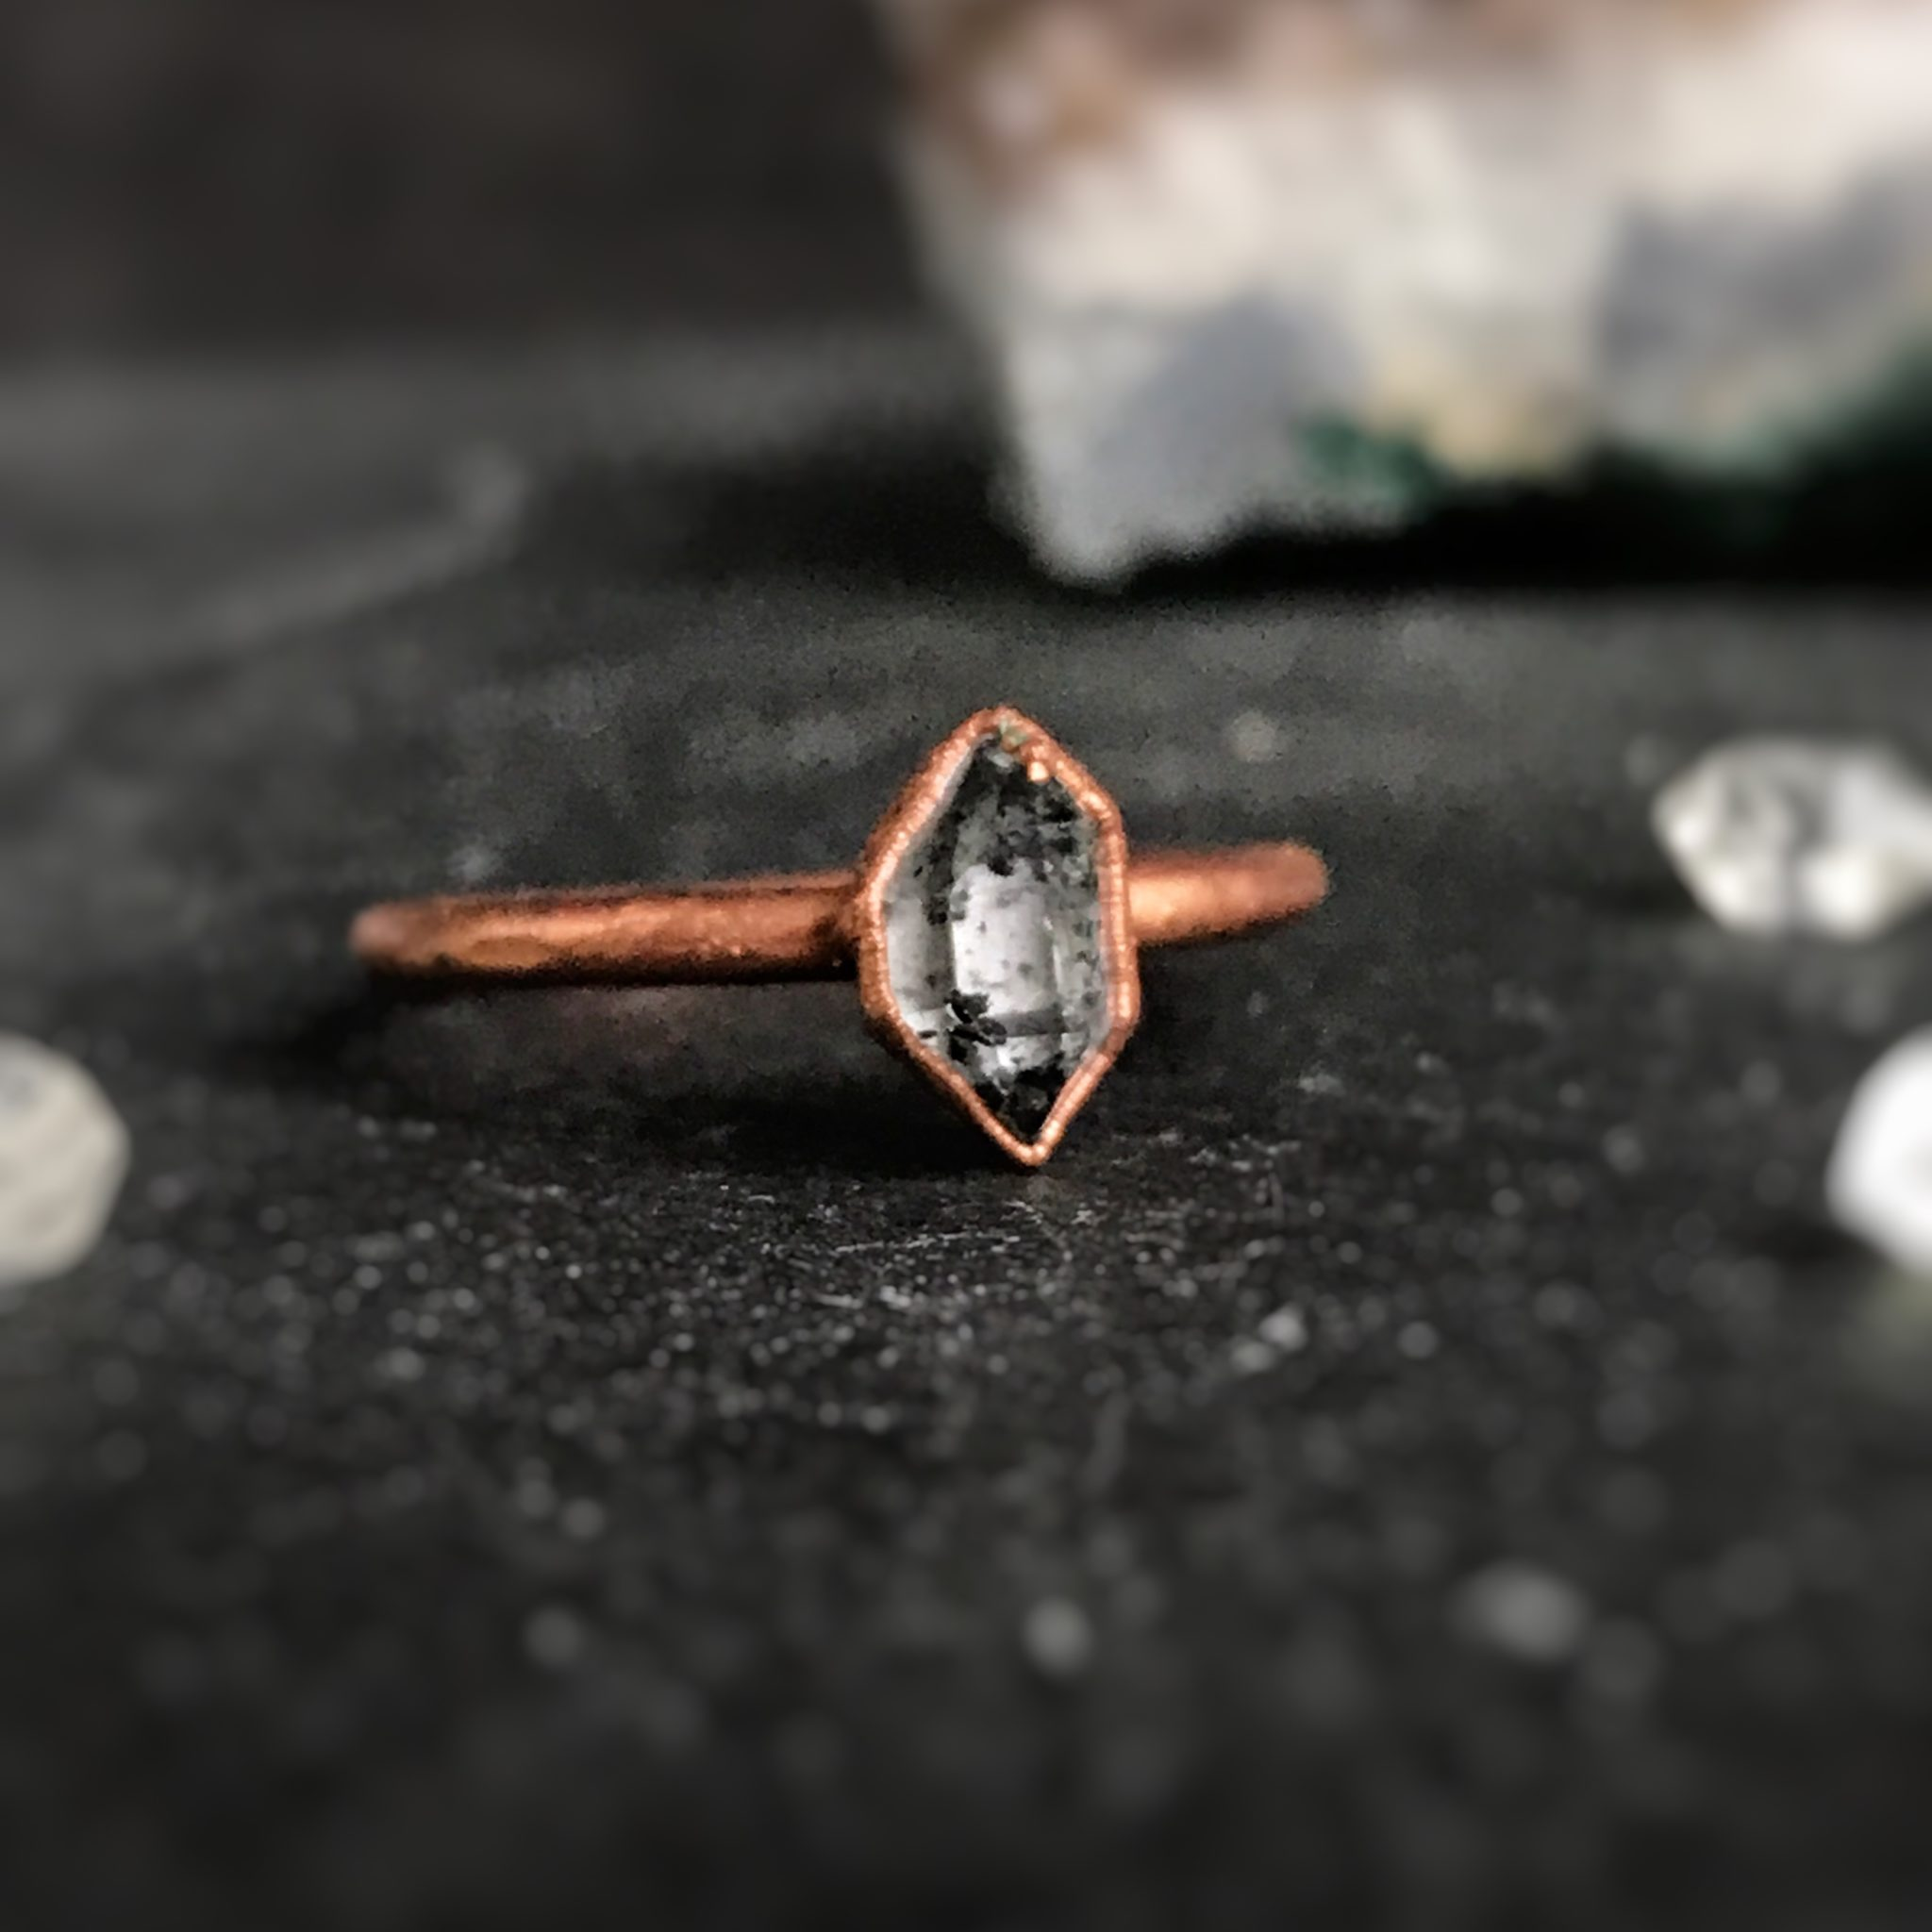 """Ręcznie robiony pierścionek z """"diamentem"""" Herkimer. Jest to odmiana kwarcu, jest to surowa forma tego minerału, nazwany jest diamentem właśnie przez sposób w jaki rośnie. Jest to kamień urodzinowy dla osób urodzonych w kwietniu, będzie świetnym pomysłem prezentem dla osoby urodzonej w tym miesiącu lub upamiętniającym osobę urodzoną w kwietniu. Rozmiar pierścionka to 15, średnica wew. 17 mm. Kamień ma piękne inkluzje. Dostępne są podobne pierścionki w innych rozmiarach. Jeśli nie ma twojego, mogę wykonać podobny na zamówienie w danym rozmiarze."""